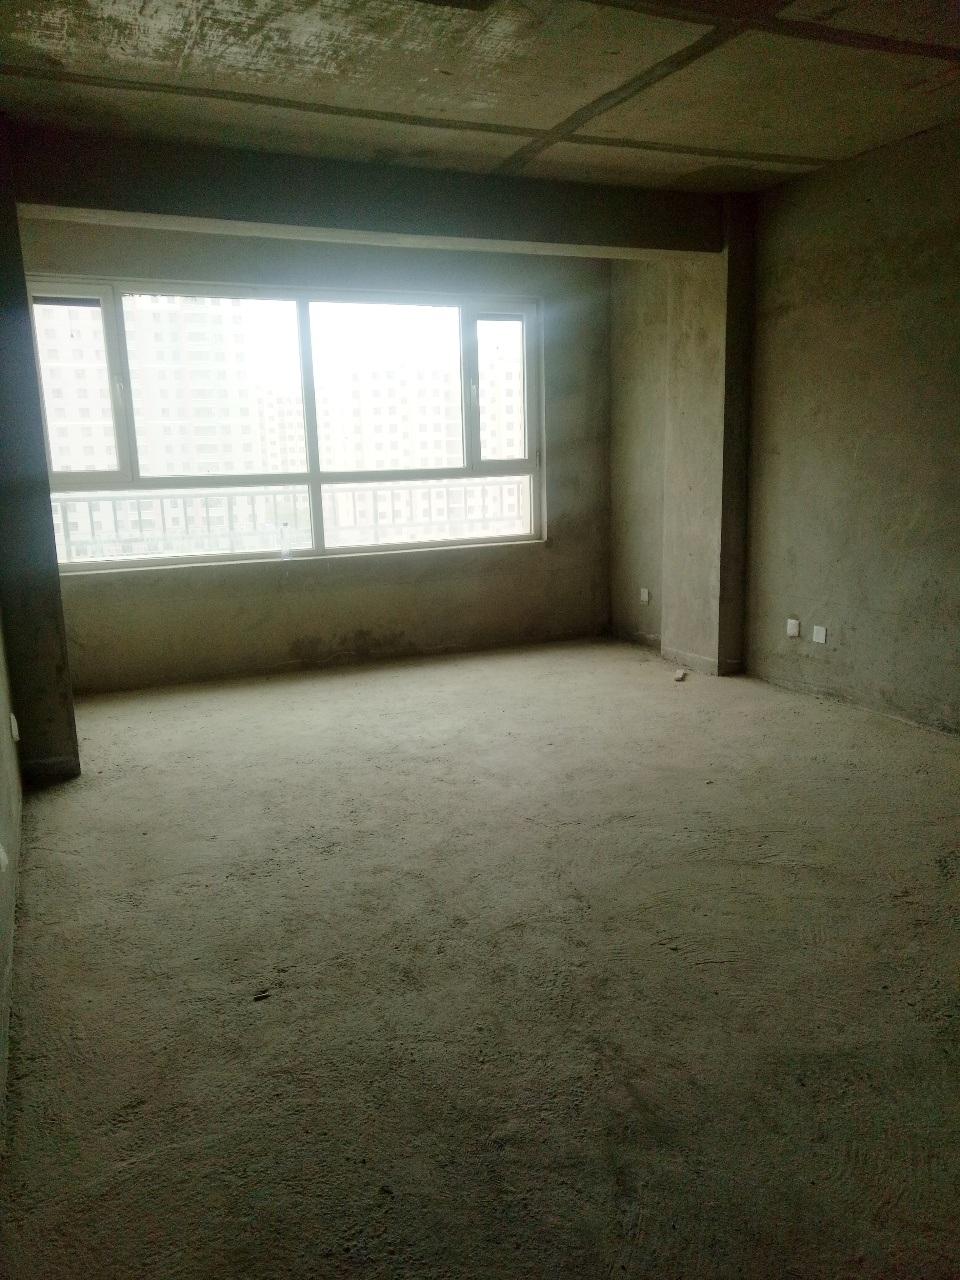 疏勒家园三室两厅118平7楼3室 2厅 1卫63.6万元